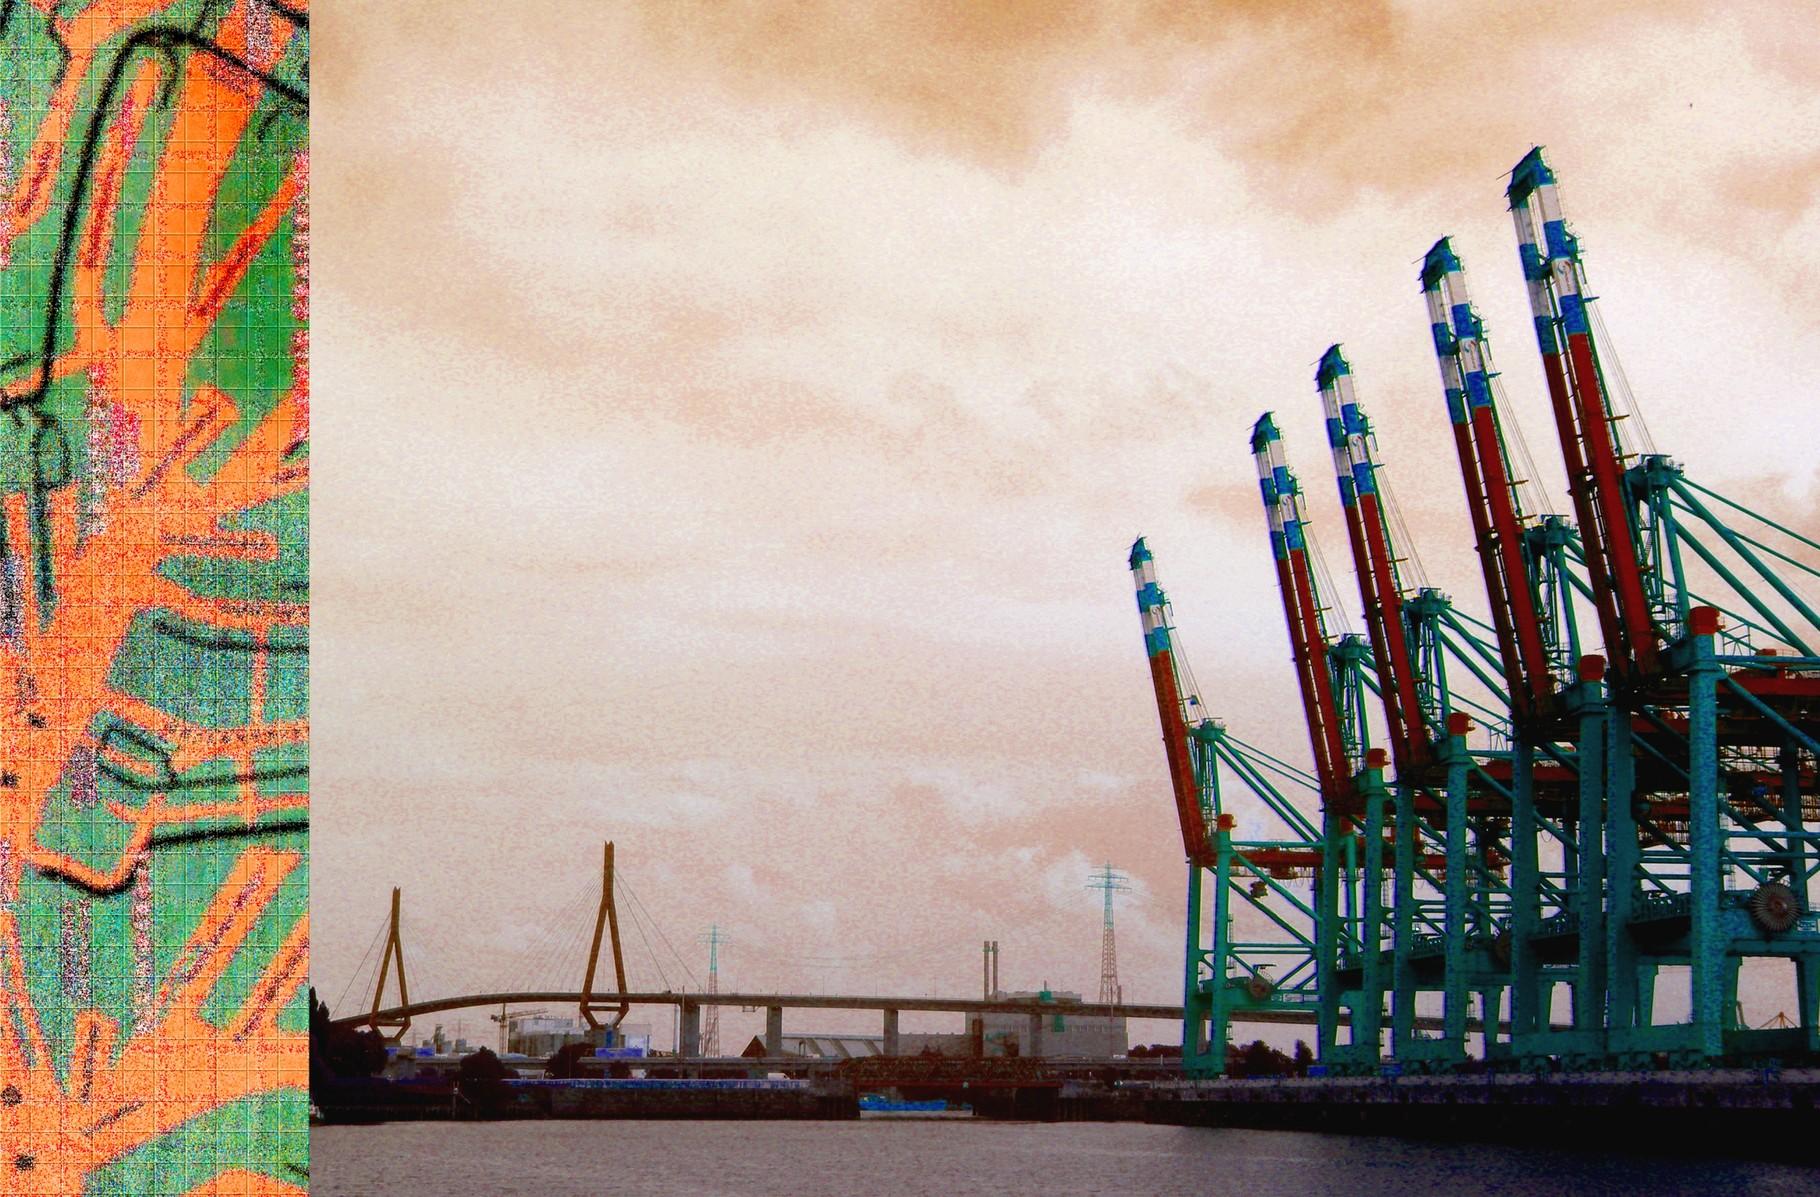 Hafen Hamburg 1, 2014